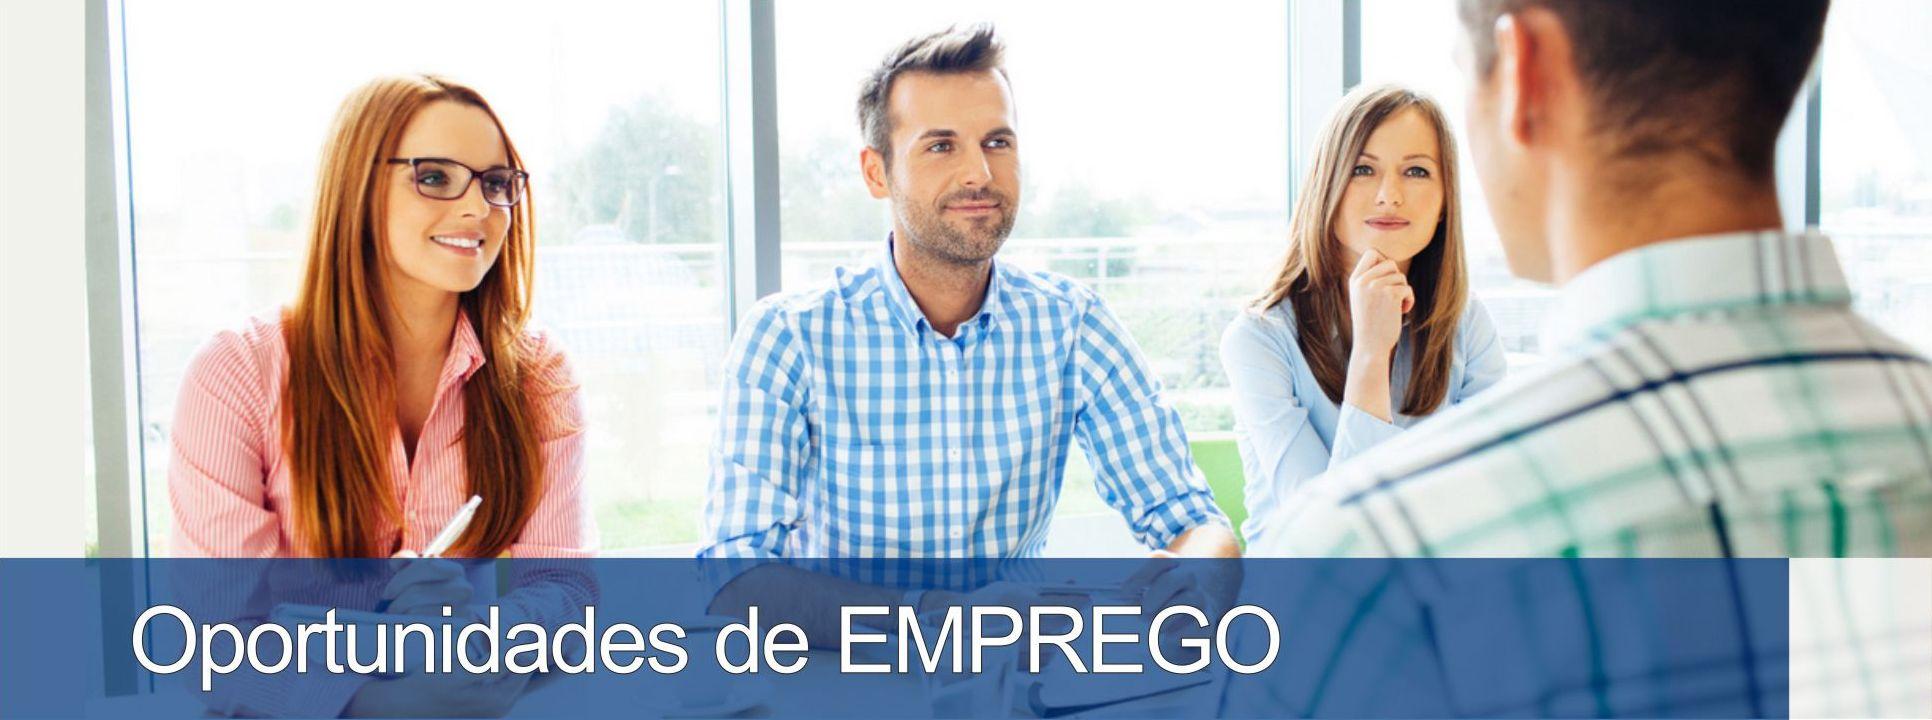 Oportunidades de emprego - Central de Cursos do Brasil. Deixe o seu currículo.